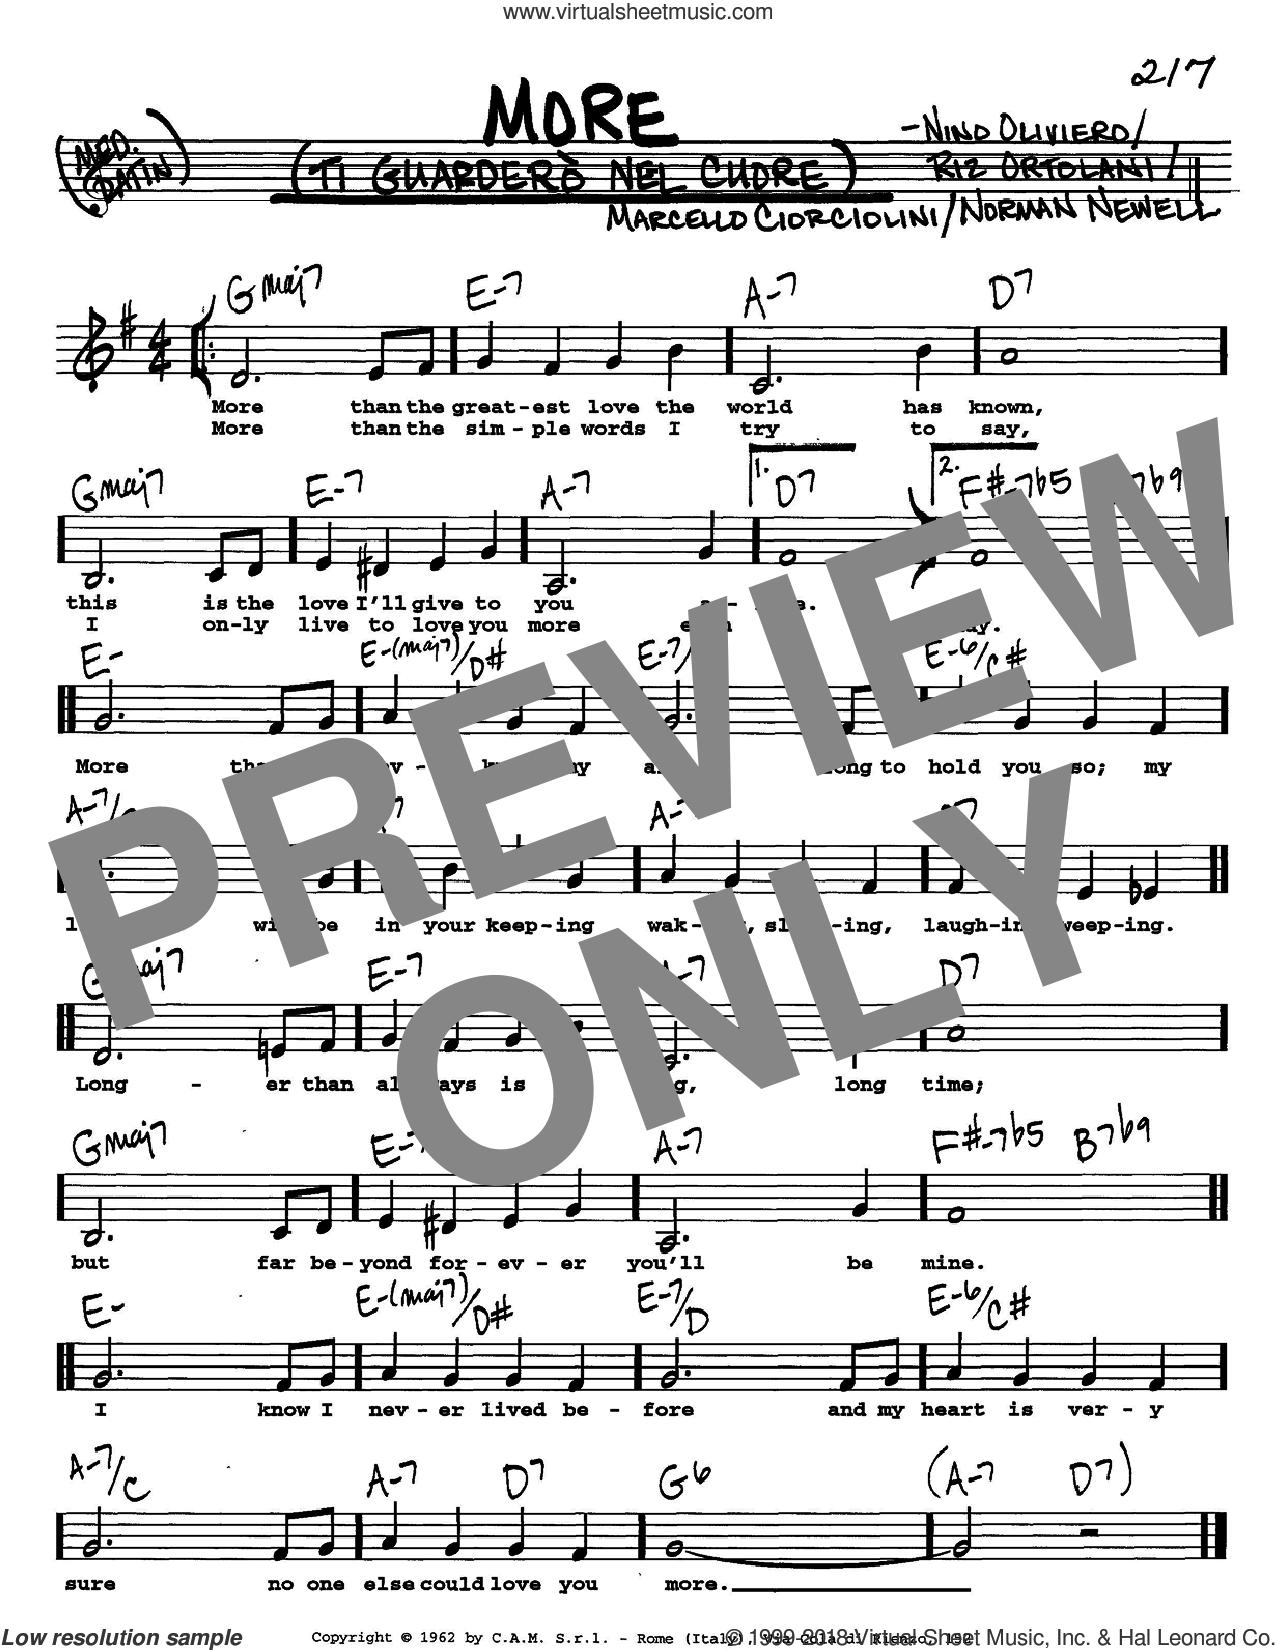 More (Ti Guardero Nel Cuore) sheet music for voice and other instruments  by Marcello Ciorciolini, Nino Oliviero, Norman Newell and Riz Ortolani, intermediate skill level